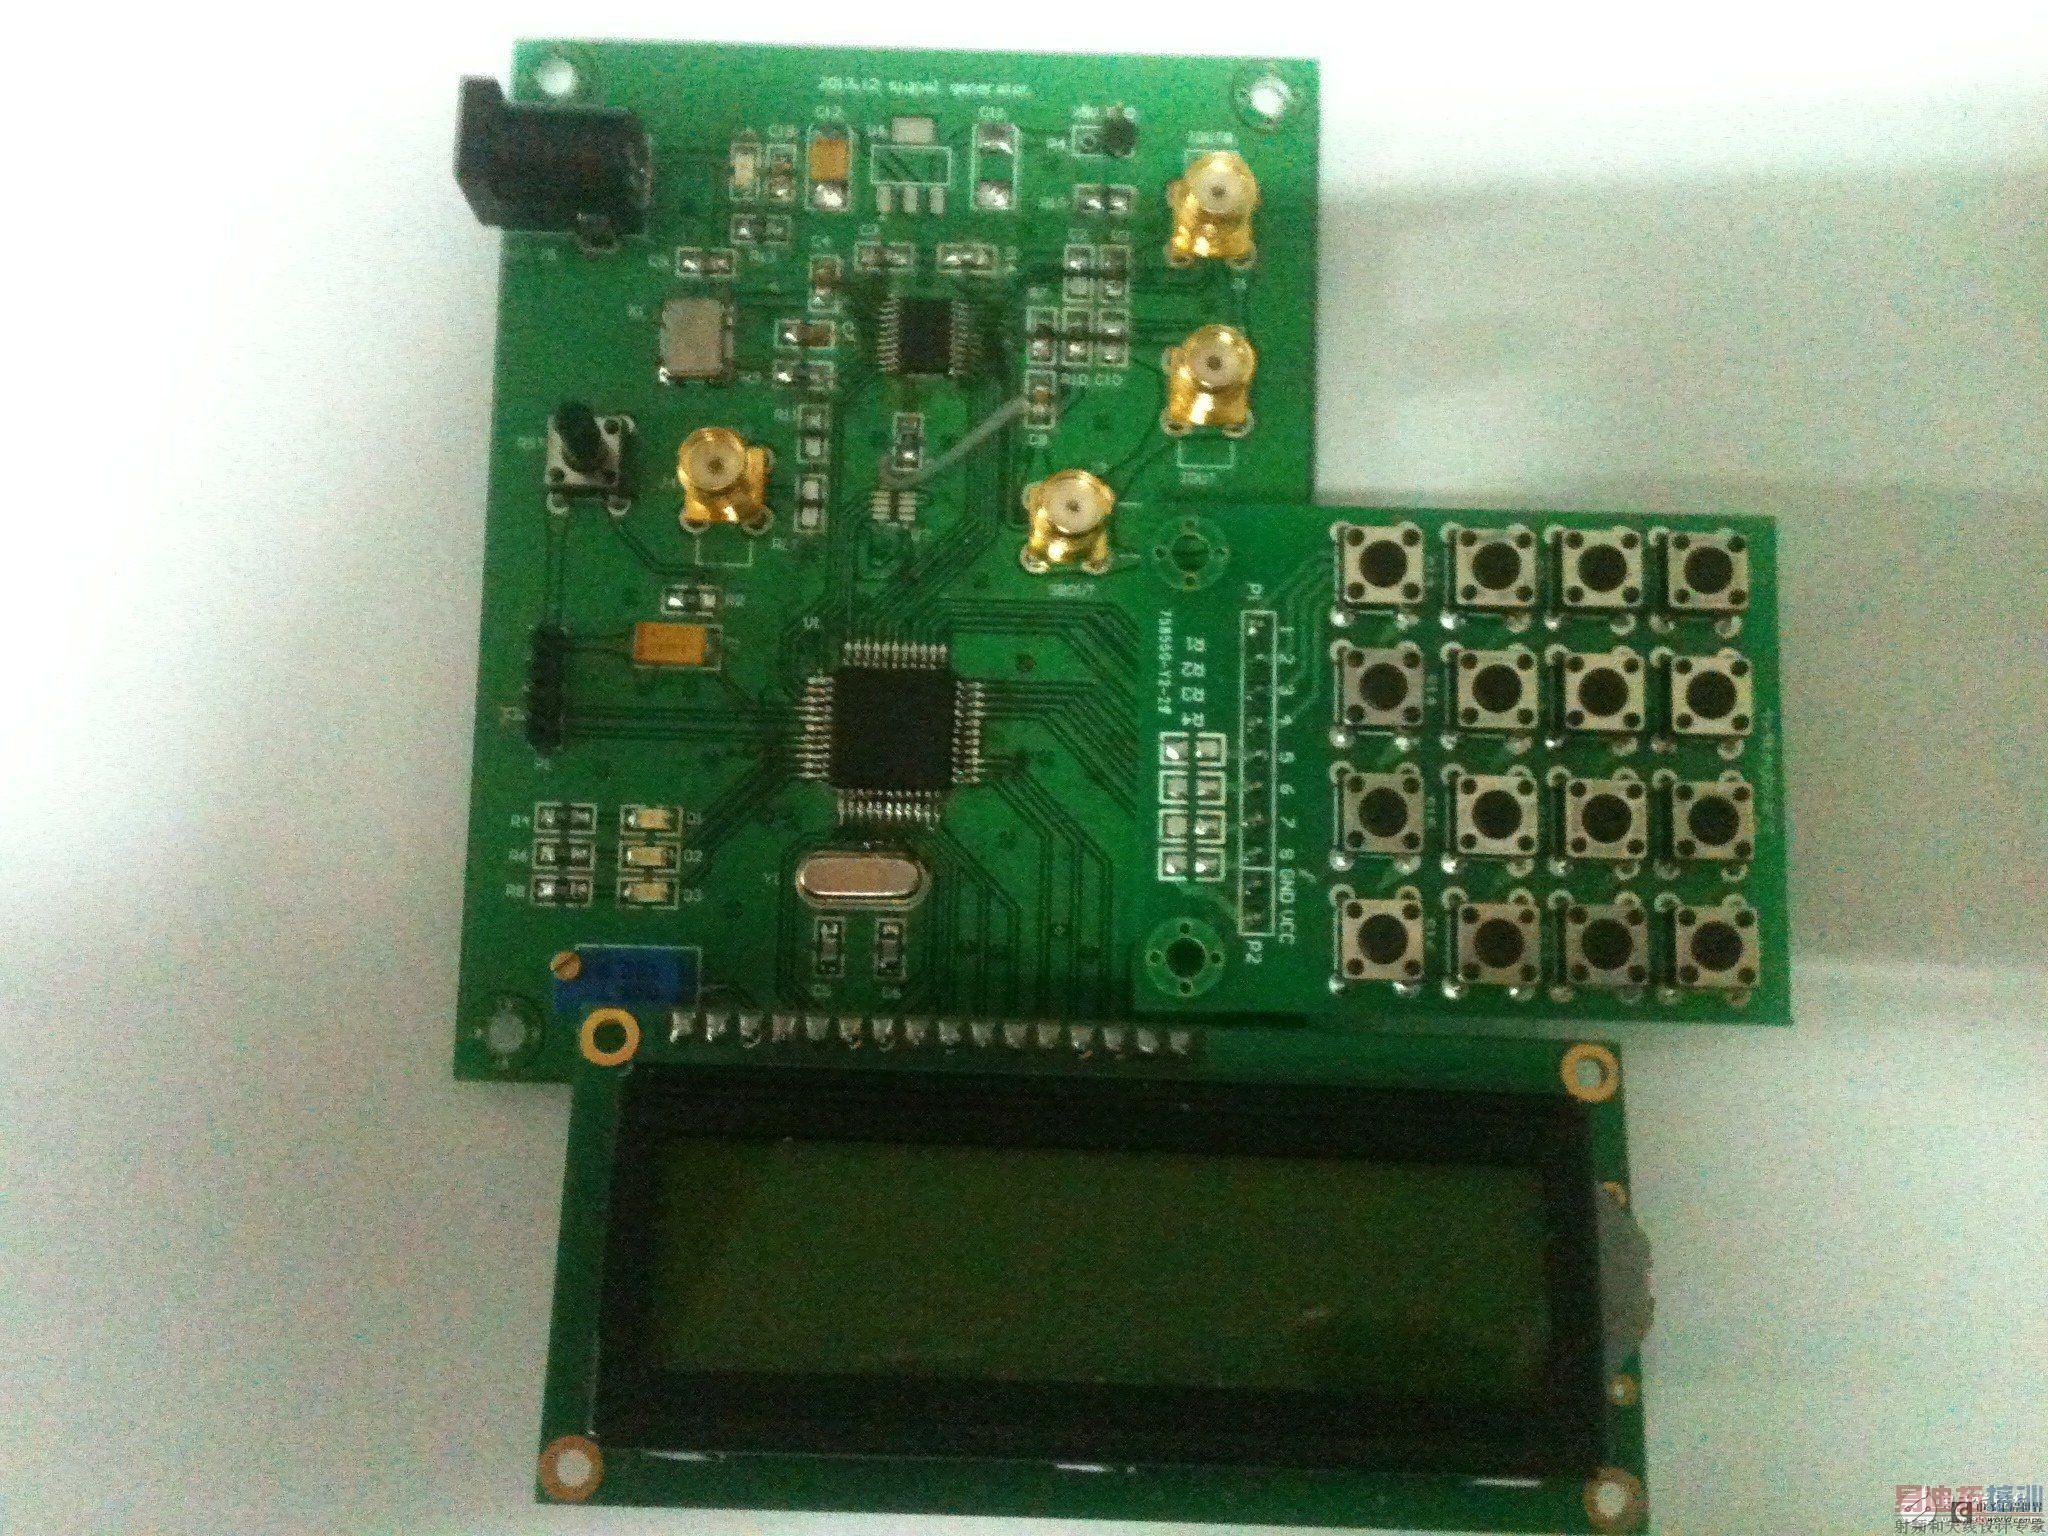 基于slh89f5162的信号发生器设计